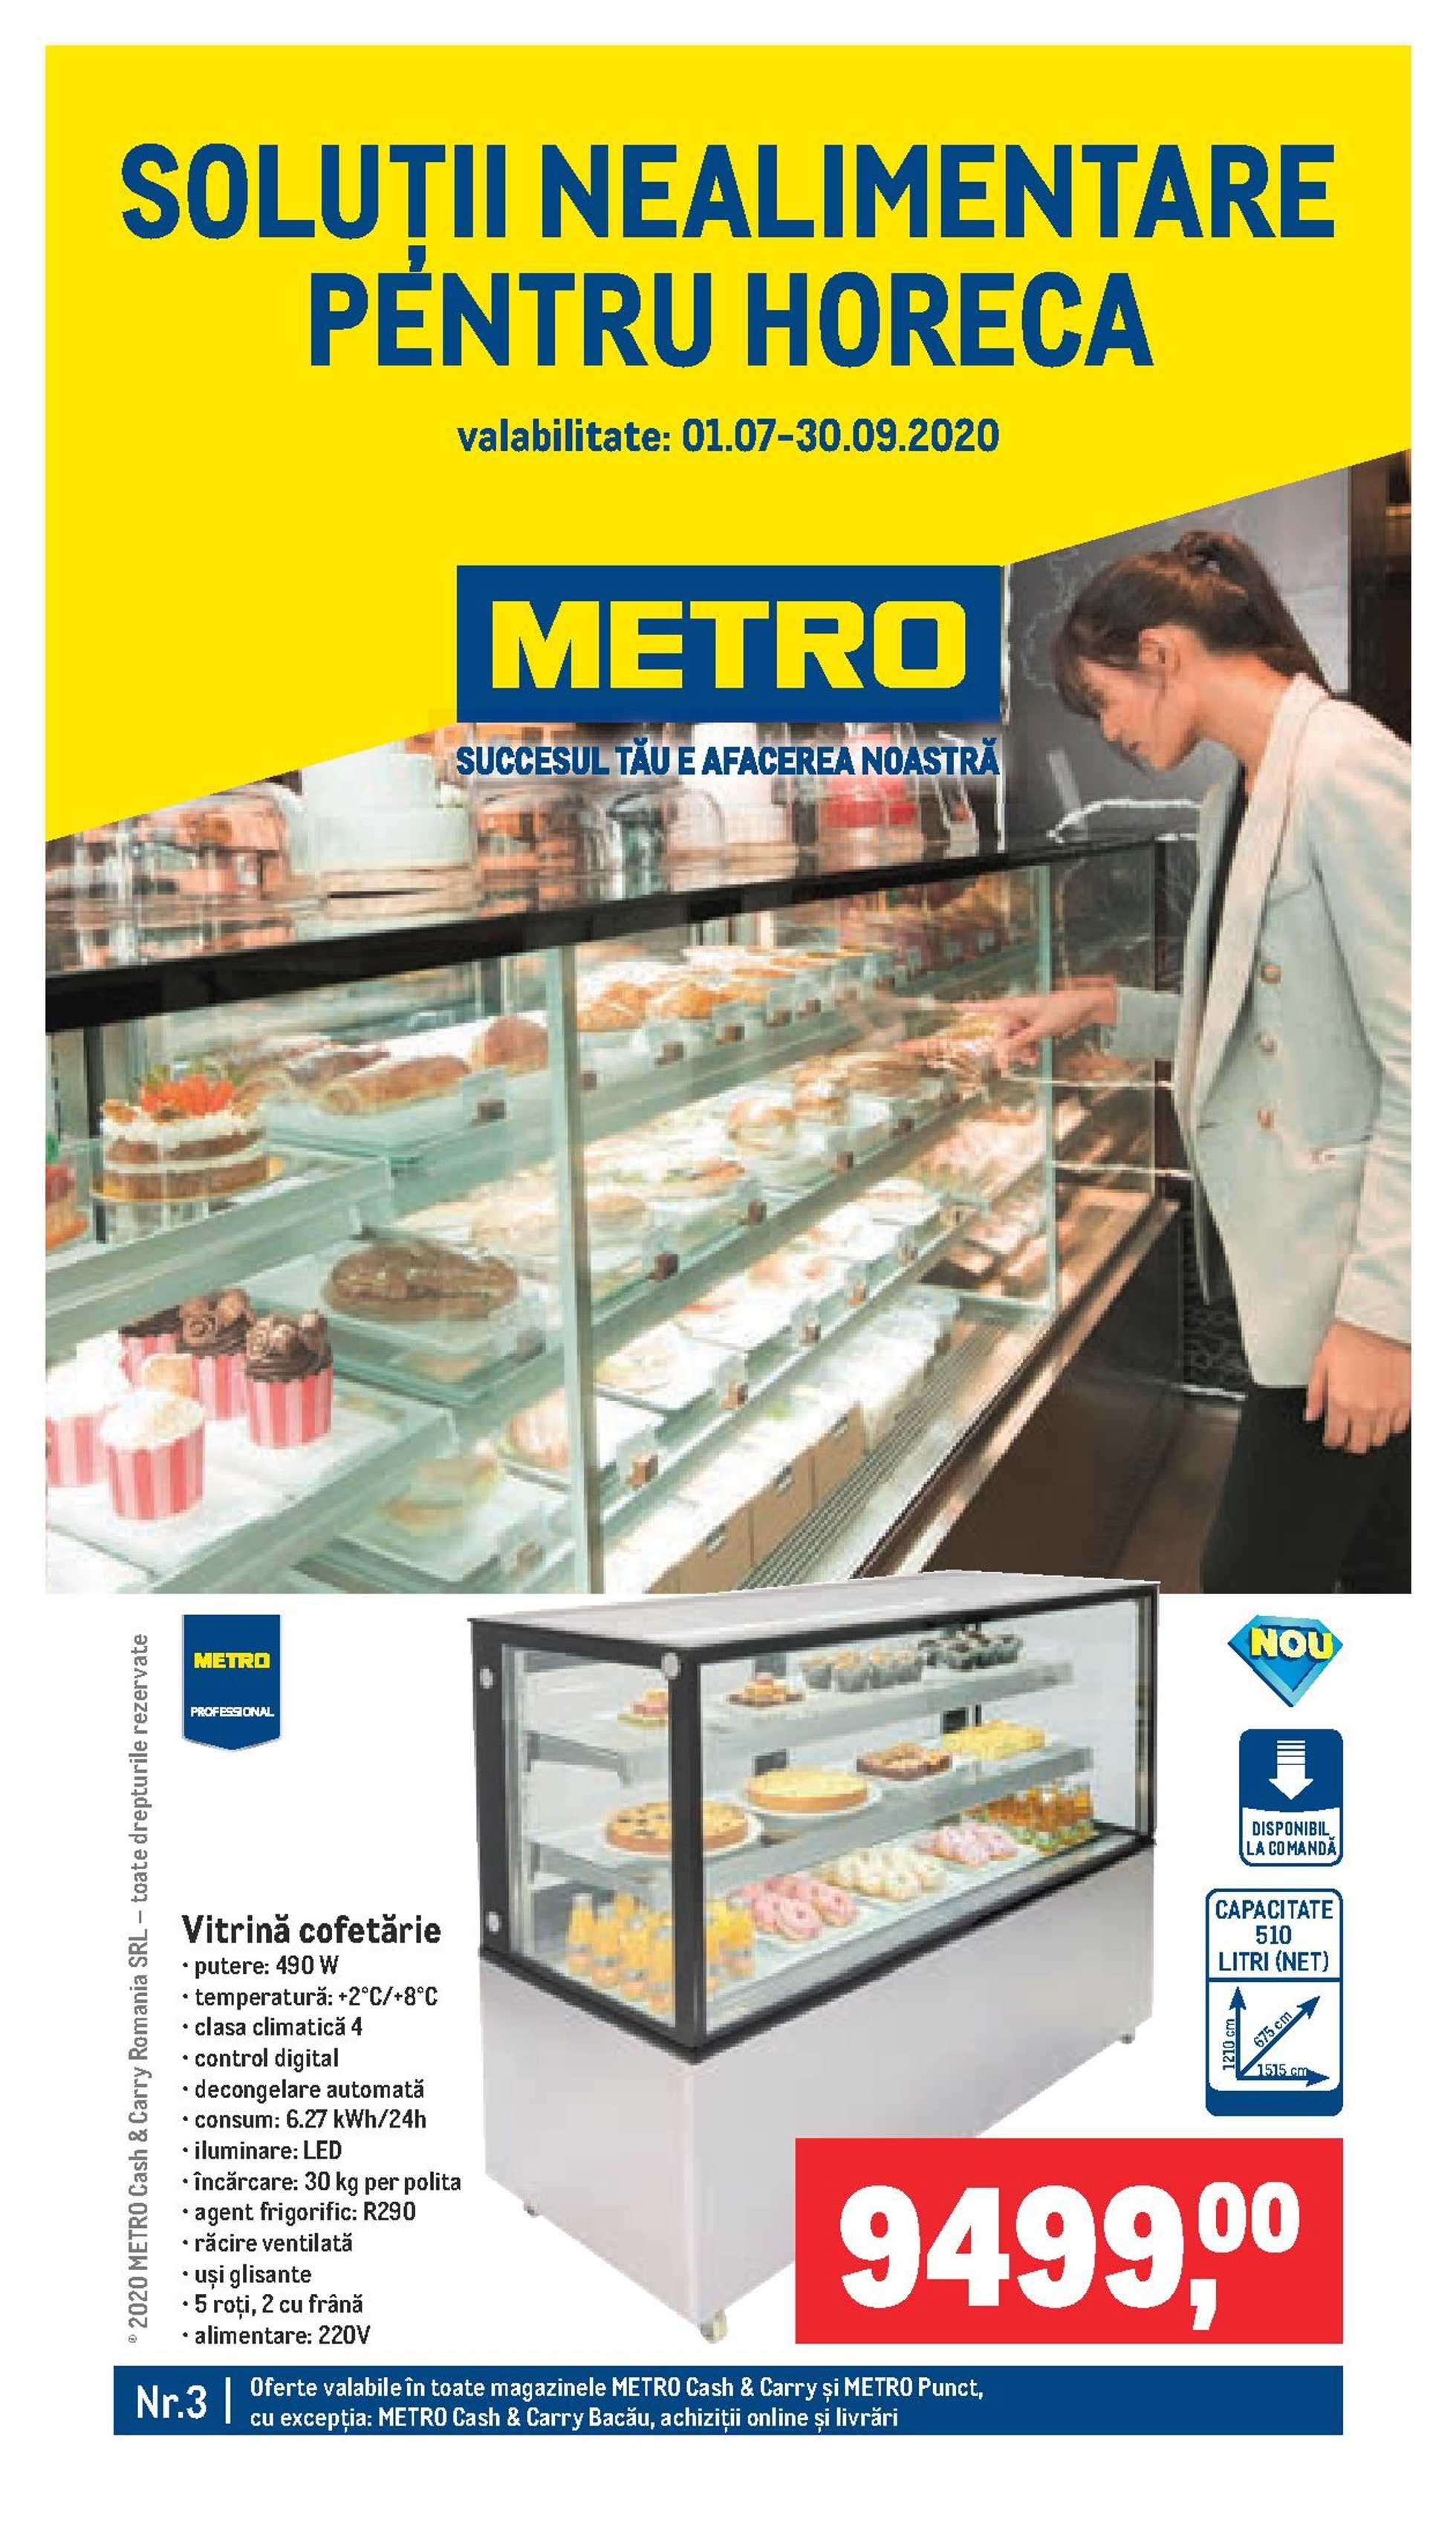 Metro - promo începând de la 01.07.2020 până la 30.09.2020 - pagină 1.